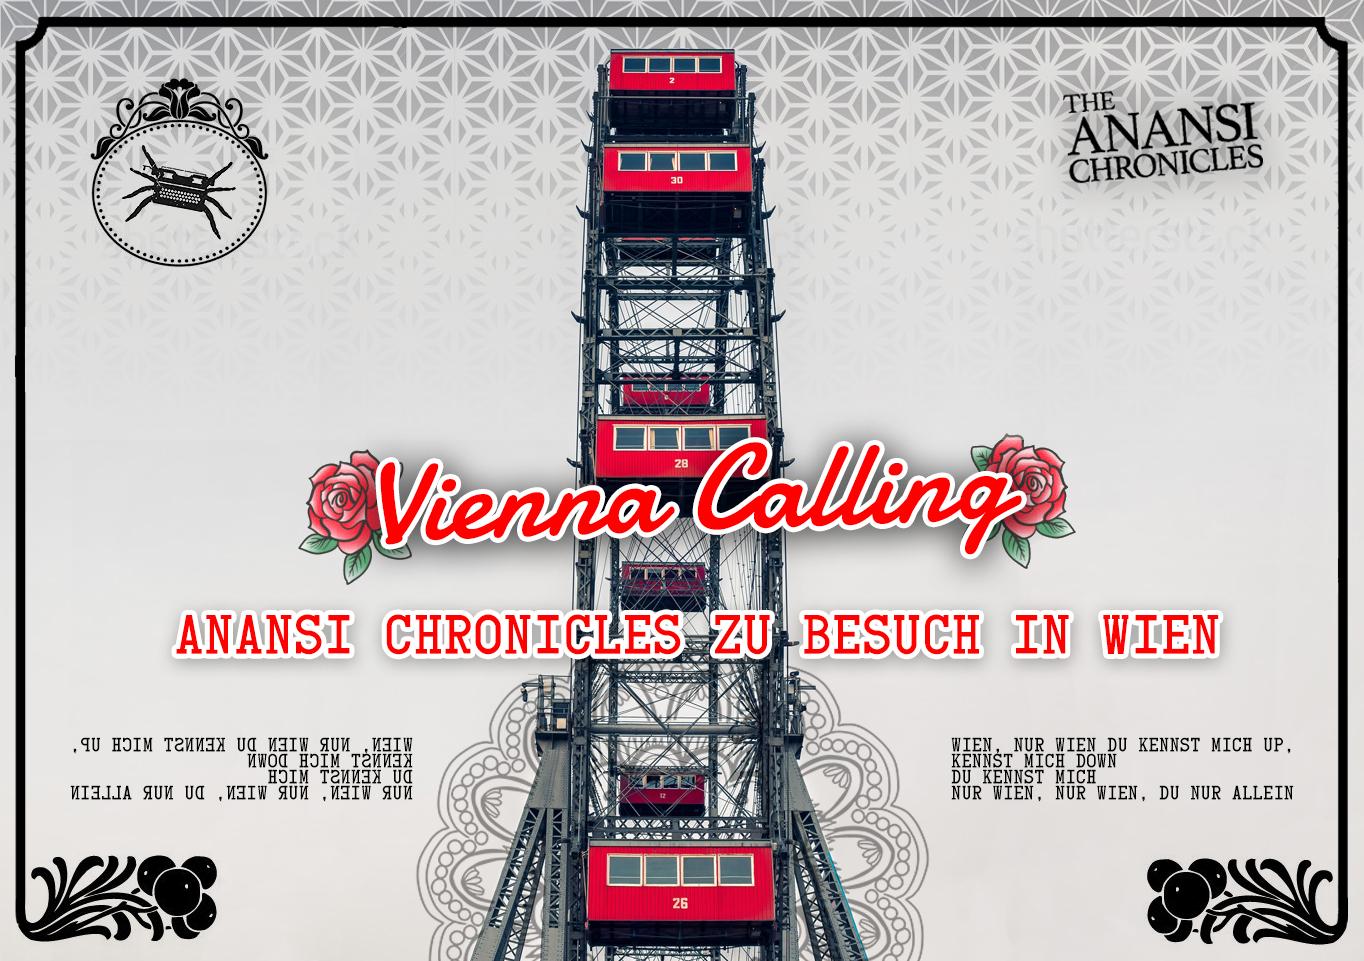 Anansi Chronicles zu Besuch in Wien